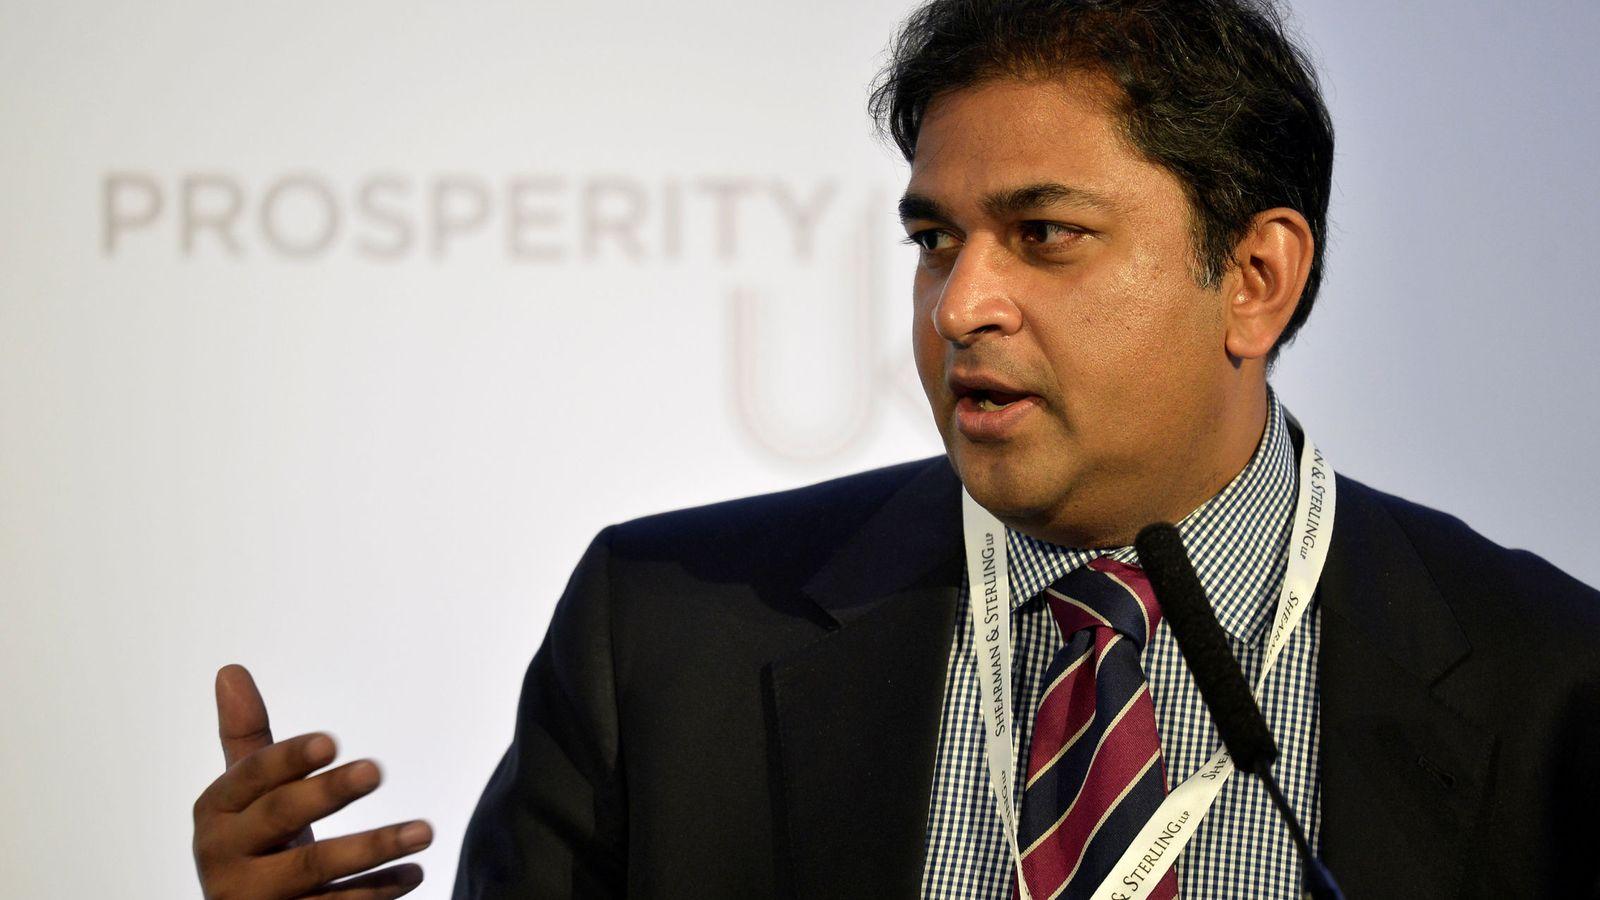 Foto: Shanker Singham durante una intervención en una conferencia en Londres, en abril de 2017. (Reuters)